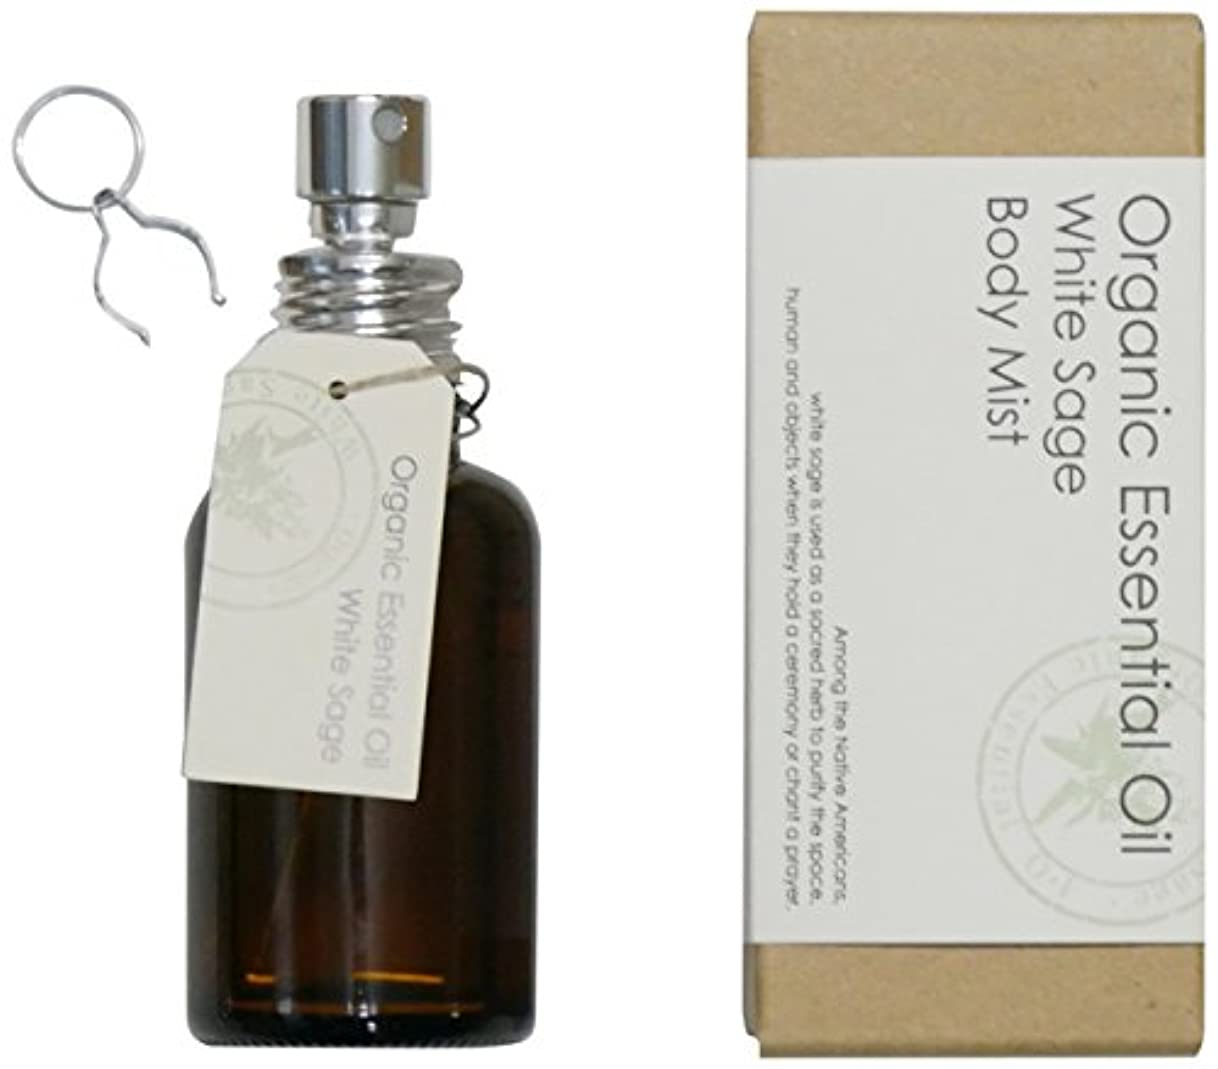 投資下向き高層ビルアロマレコルト ボディミスト ホワイトセージ 【White Sage】オーガニック エッセンシャルオイル organic essential oil natural body mist arome recolte